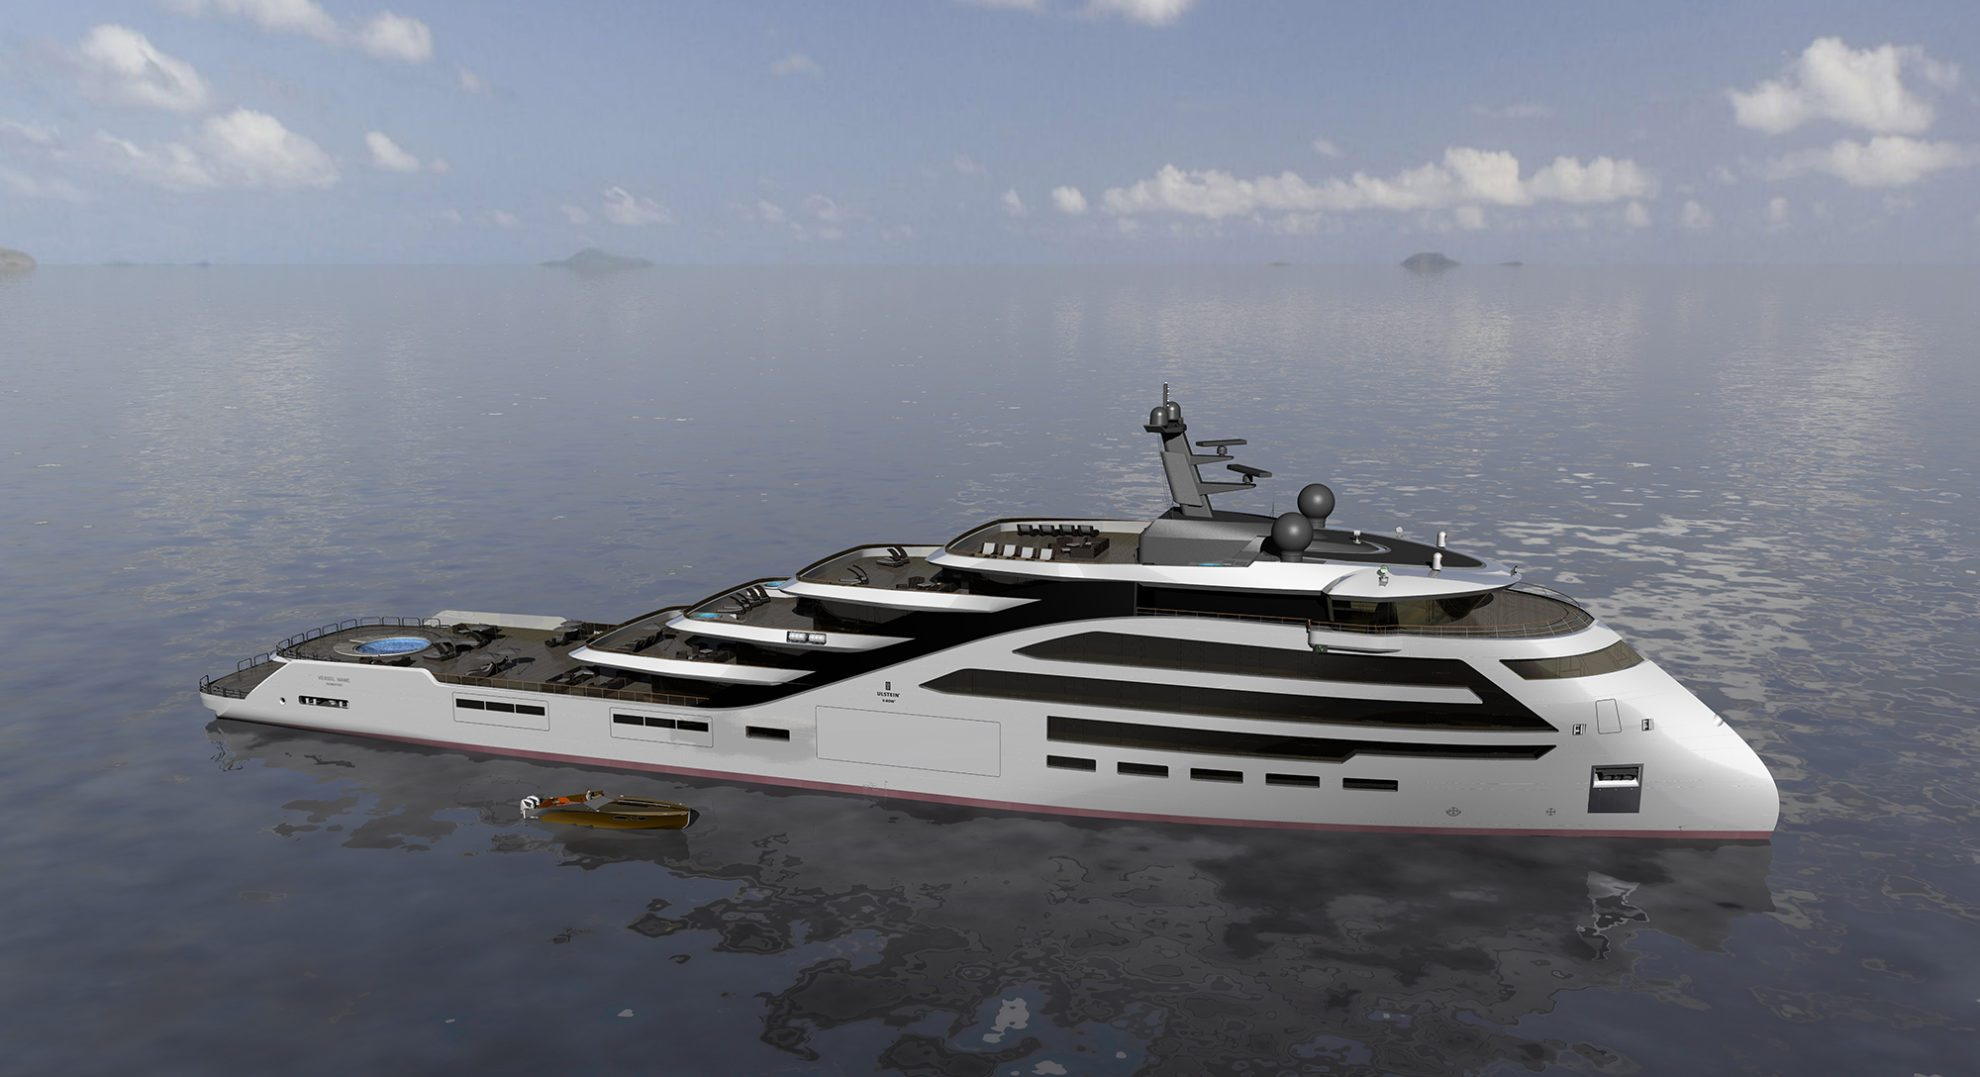 Норвежская экспедиционная яхта